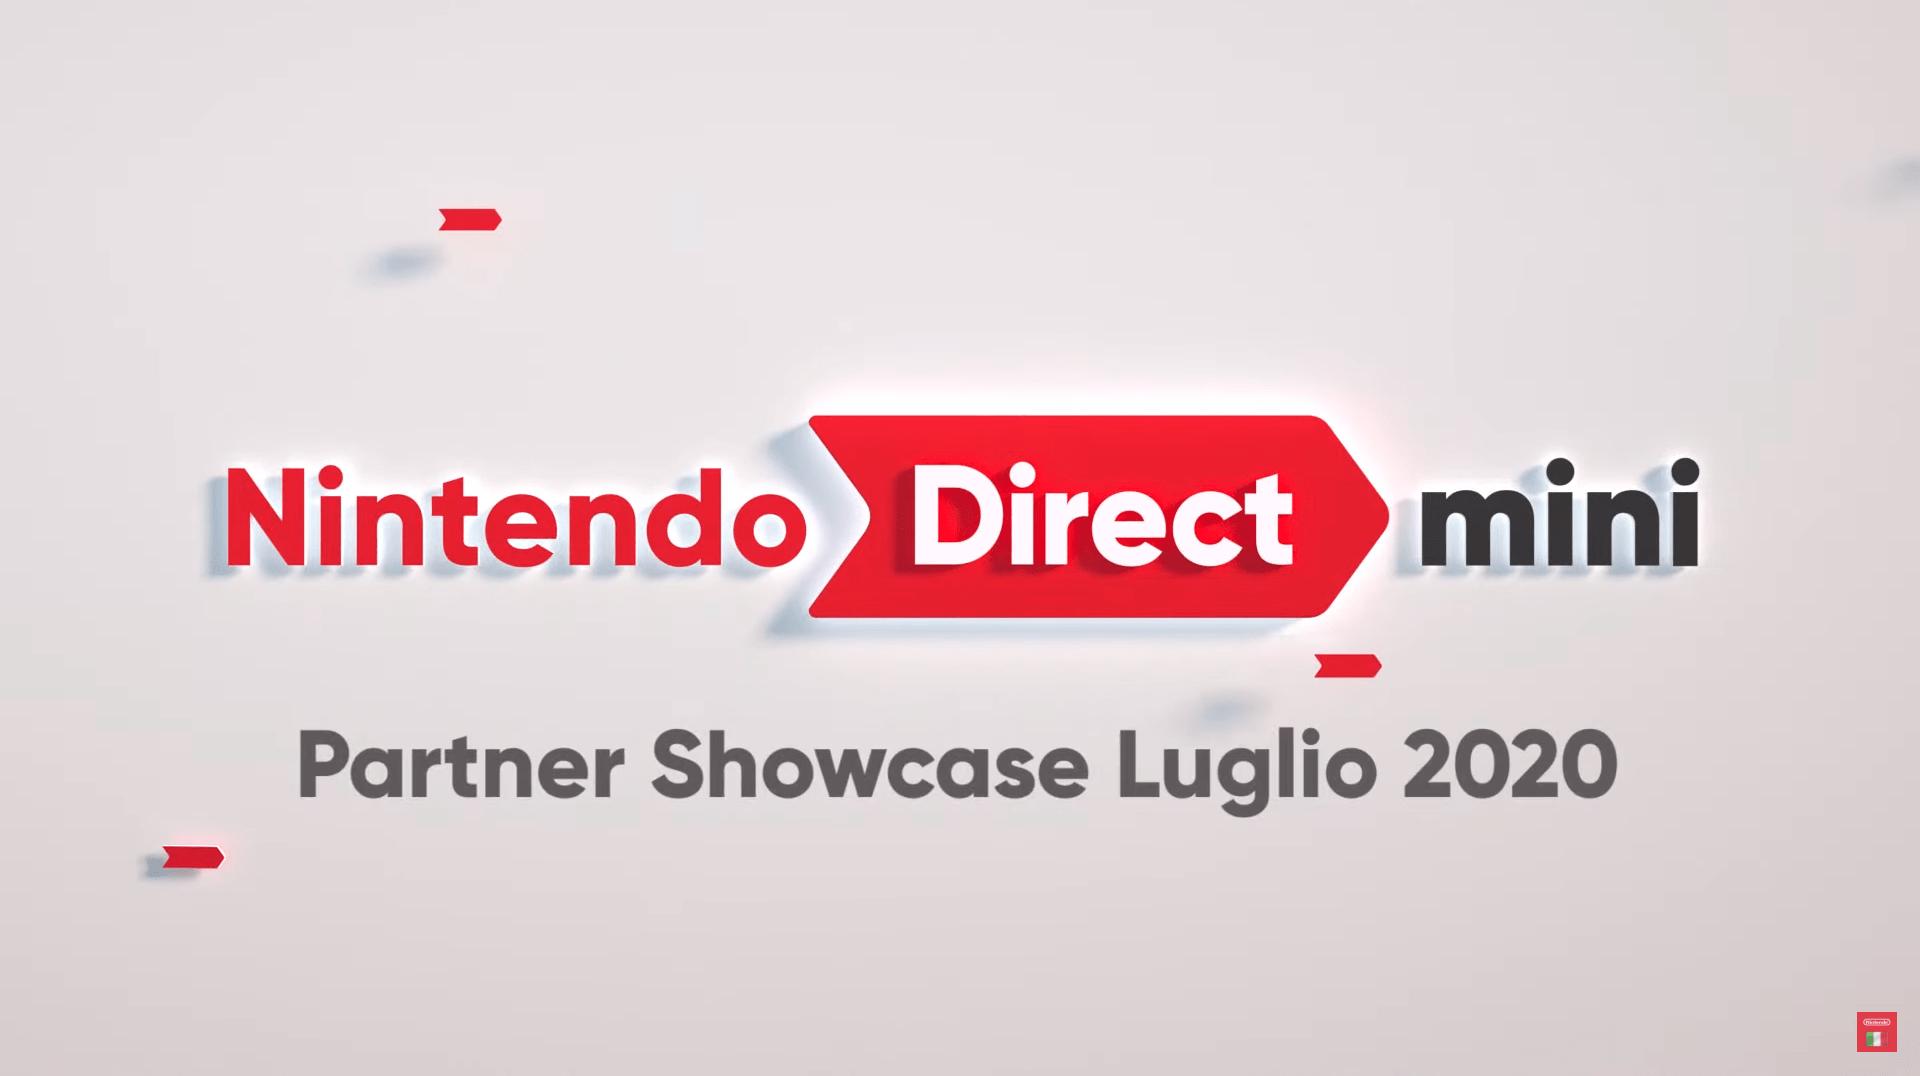 Nintendo Direct Mini Luglio 2020 wallpaper